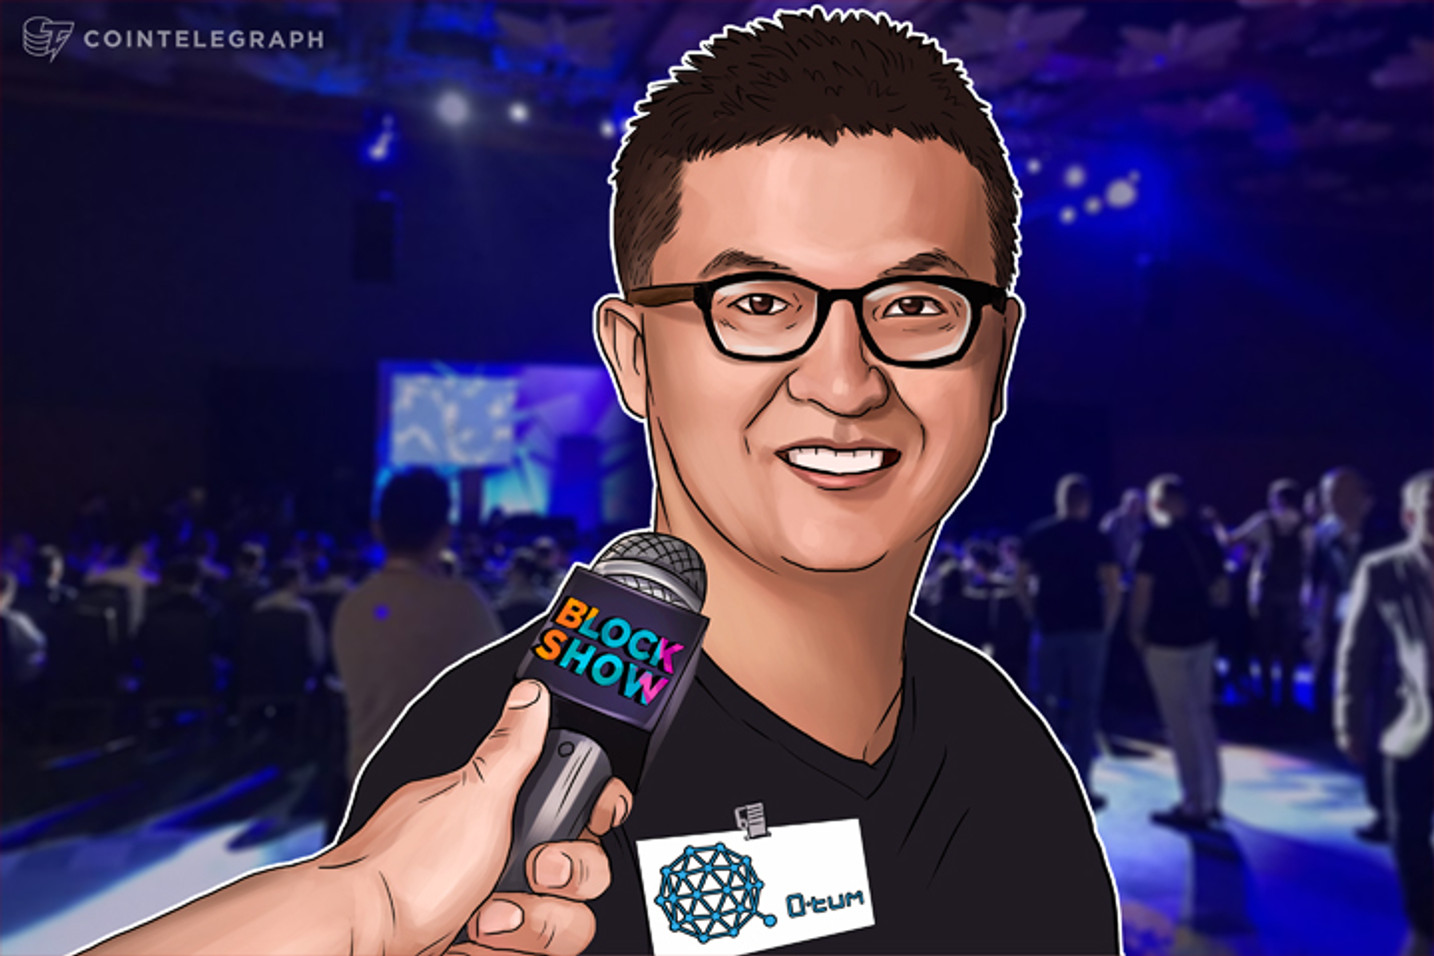 Qtum encurtando a distância entre Oriente e Ocidente com a BlockShow Asia